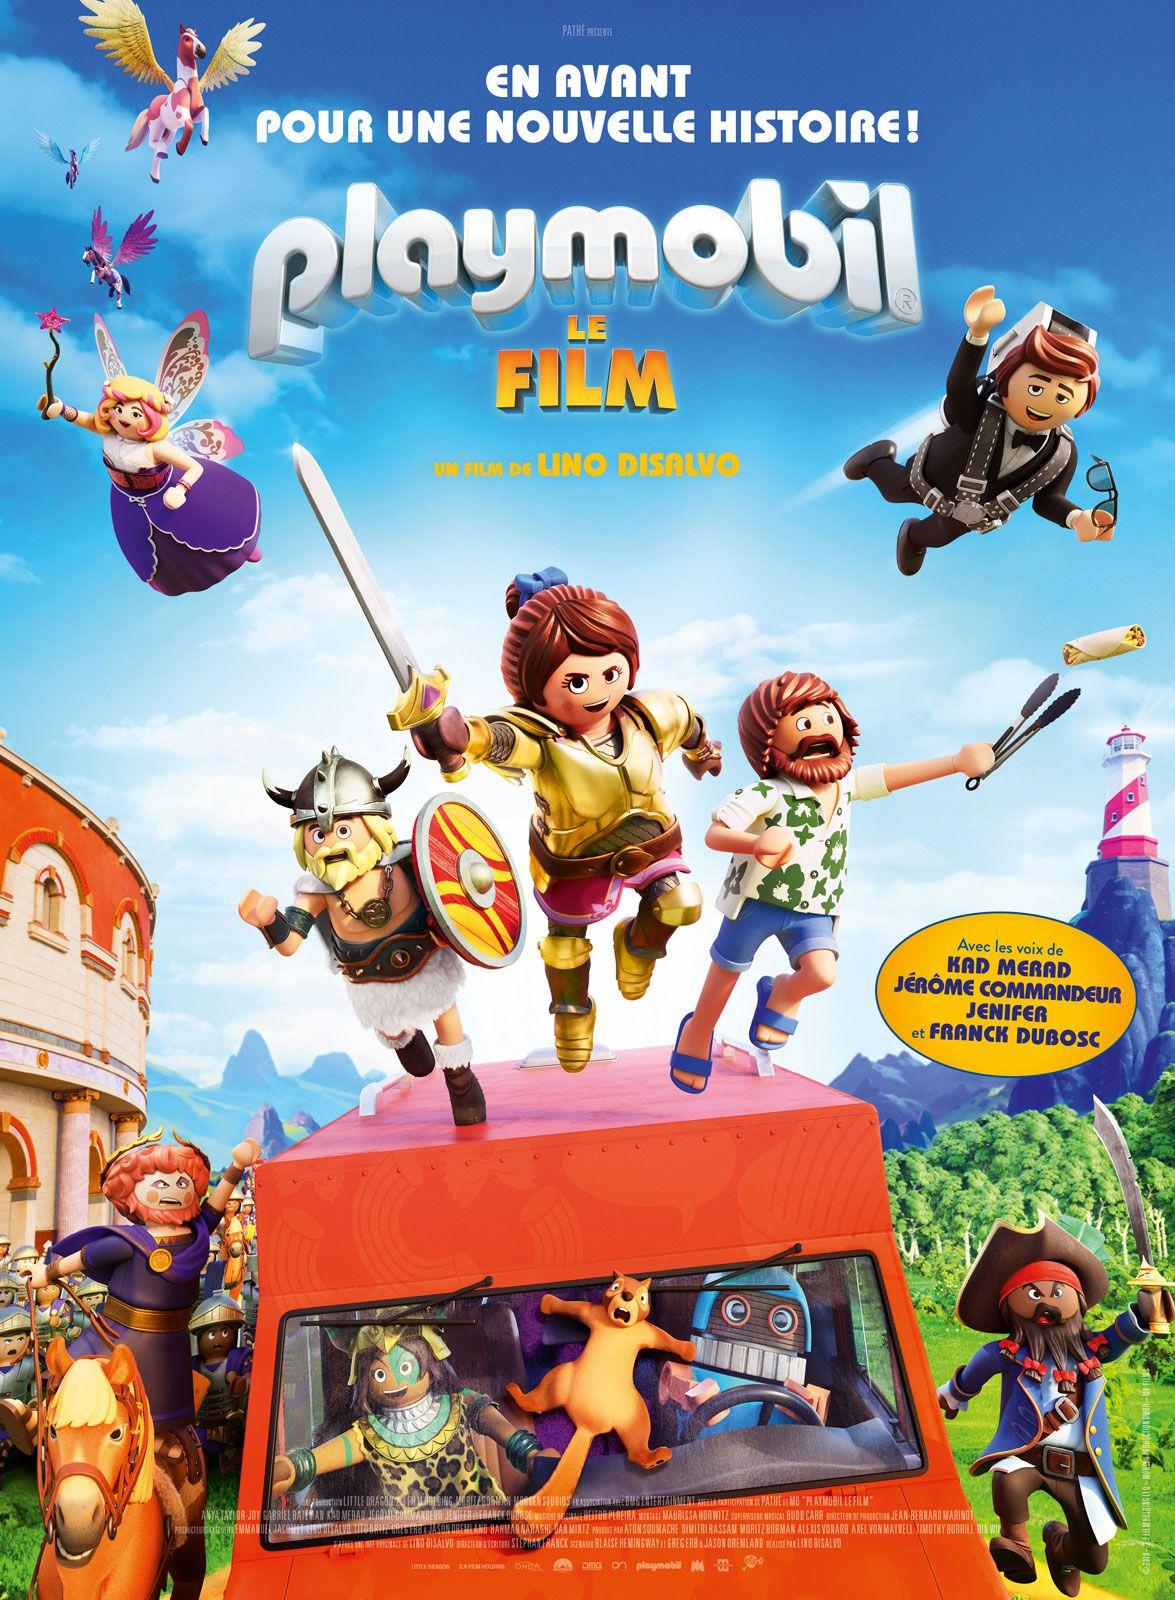 Playmobil, le film - Long-métrage d'animation (2019)